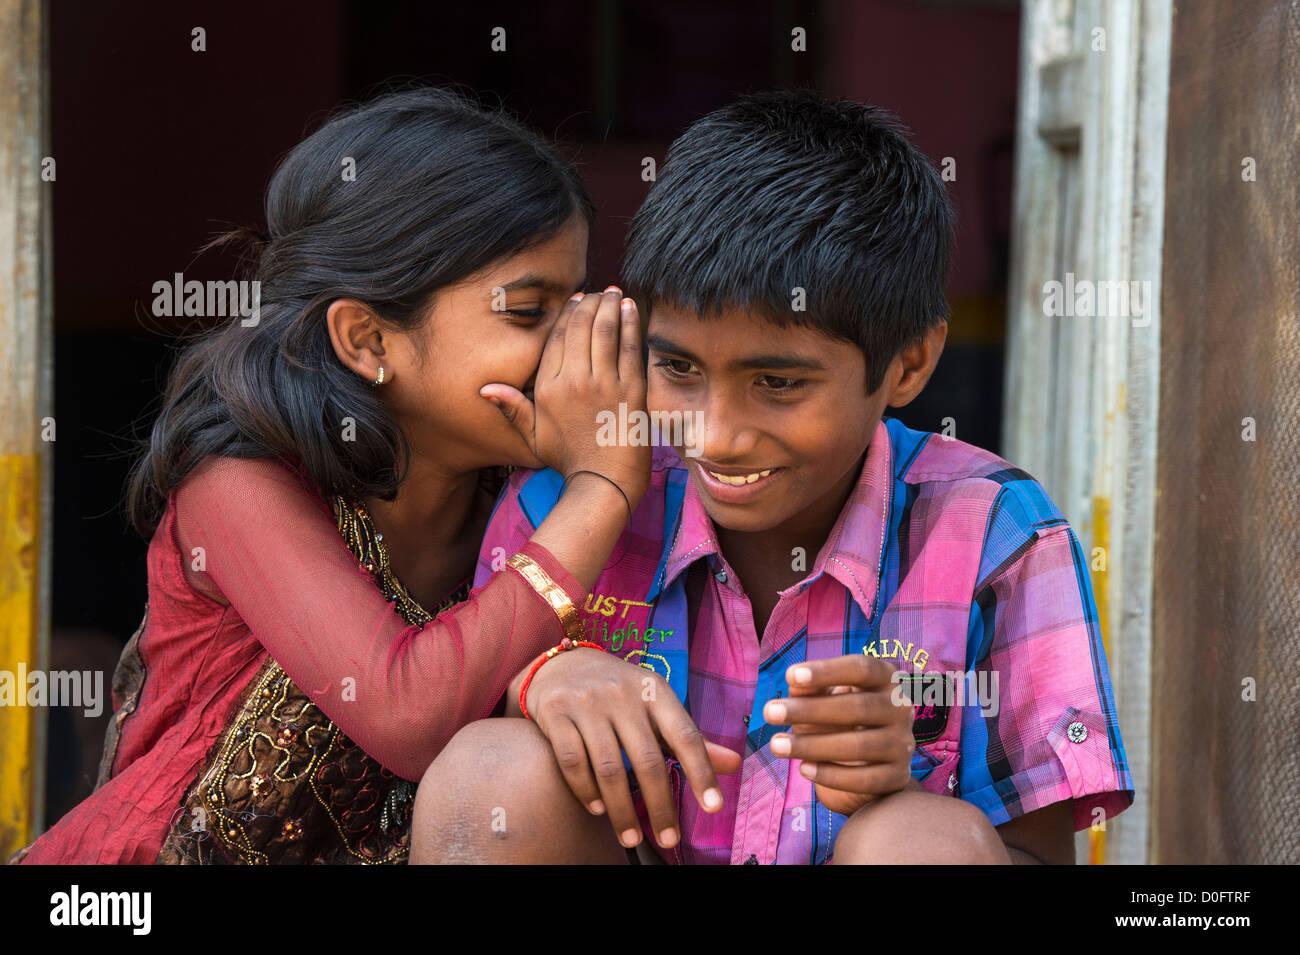 Joven indígena susurrando a un niño fuera de su hogar viilage indio rural. En Andhra Pradesh, India Imagen De Stock